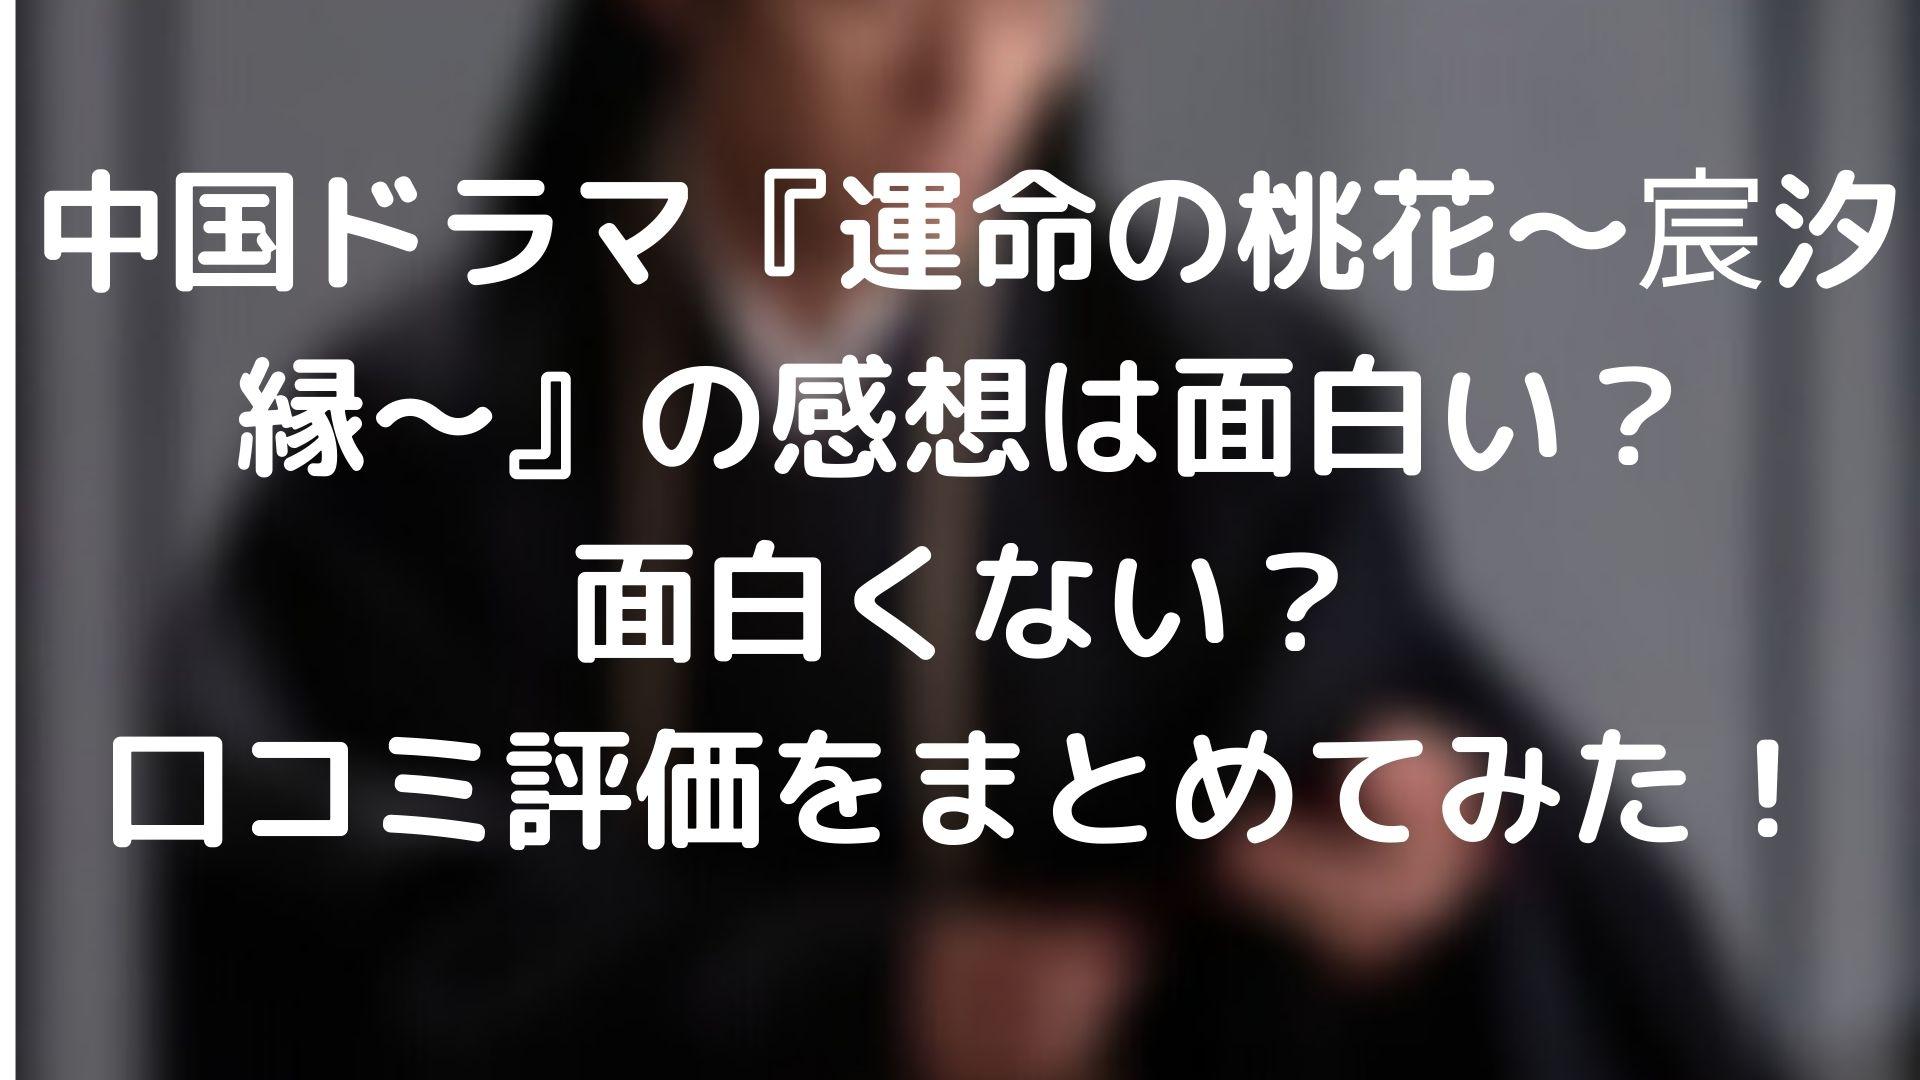 シリーズ 桃花 シリーズ最新作のドラマ「三生三世枕上書」、中国よりも海外で高評価、オリエンタルな美で人気に